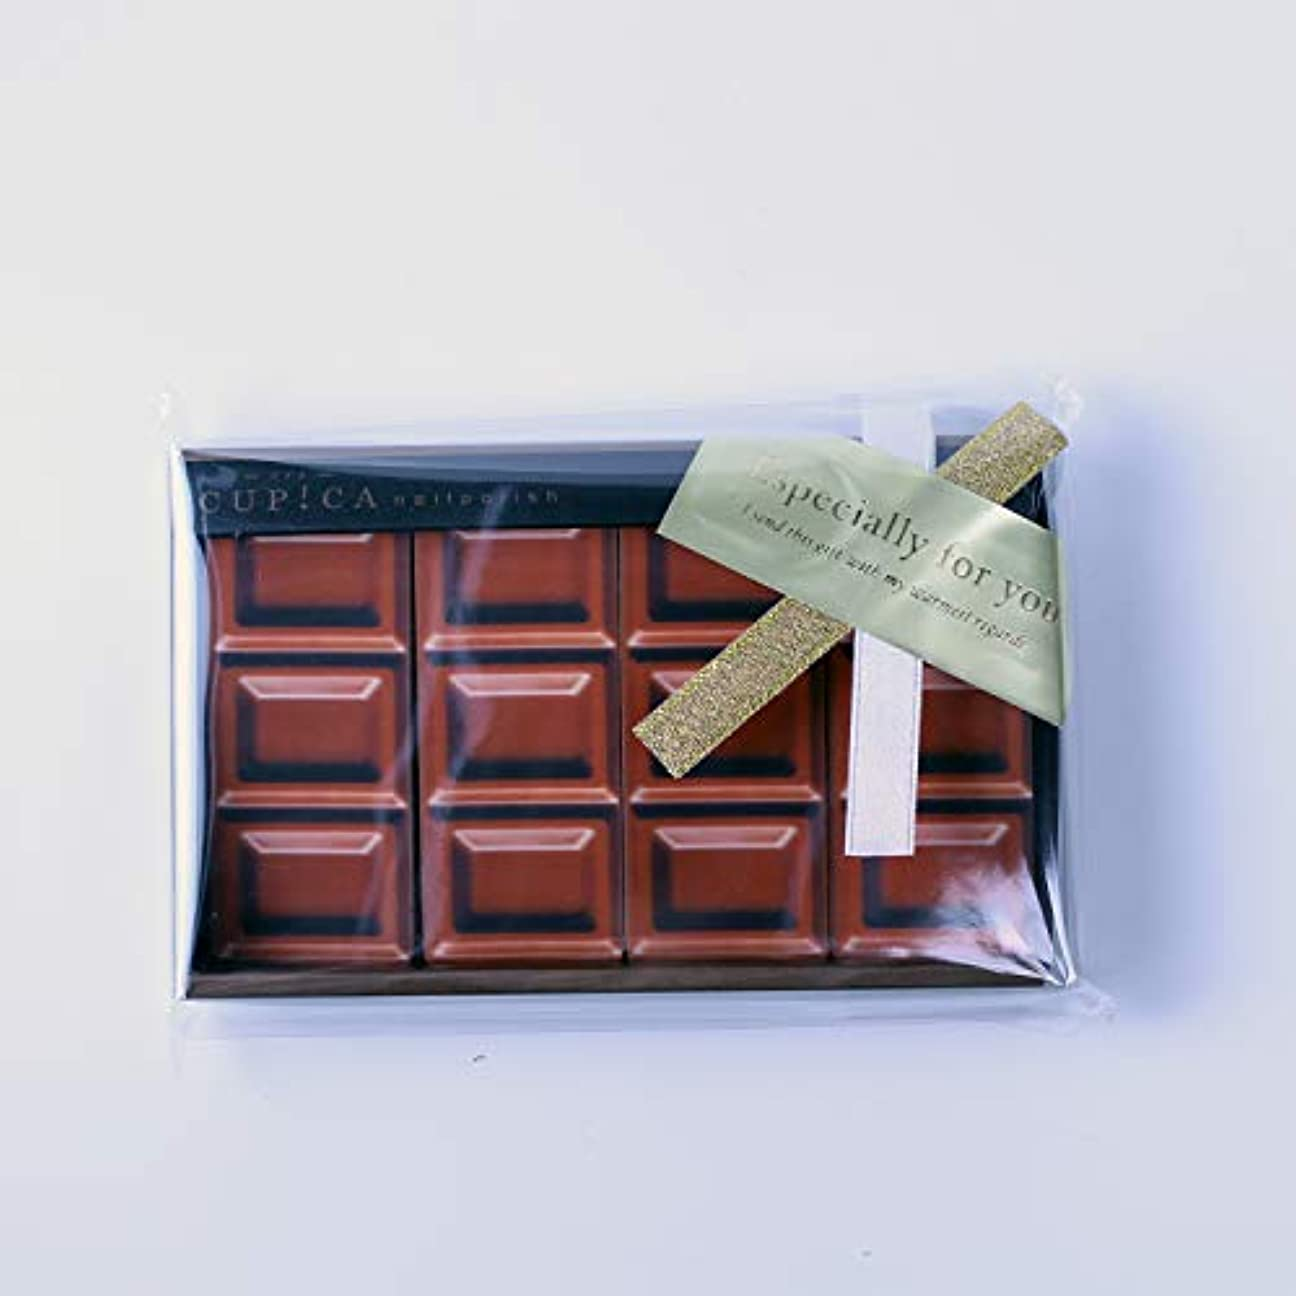 バレンタイン ホワイトデー ギフト お餞別 チョコのような爪磨き おもしろグッズ アルスキュピカ チョコレート柄 ギフトシール付 クリアケース入